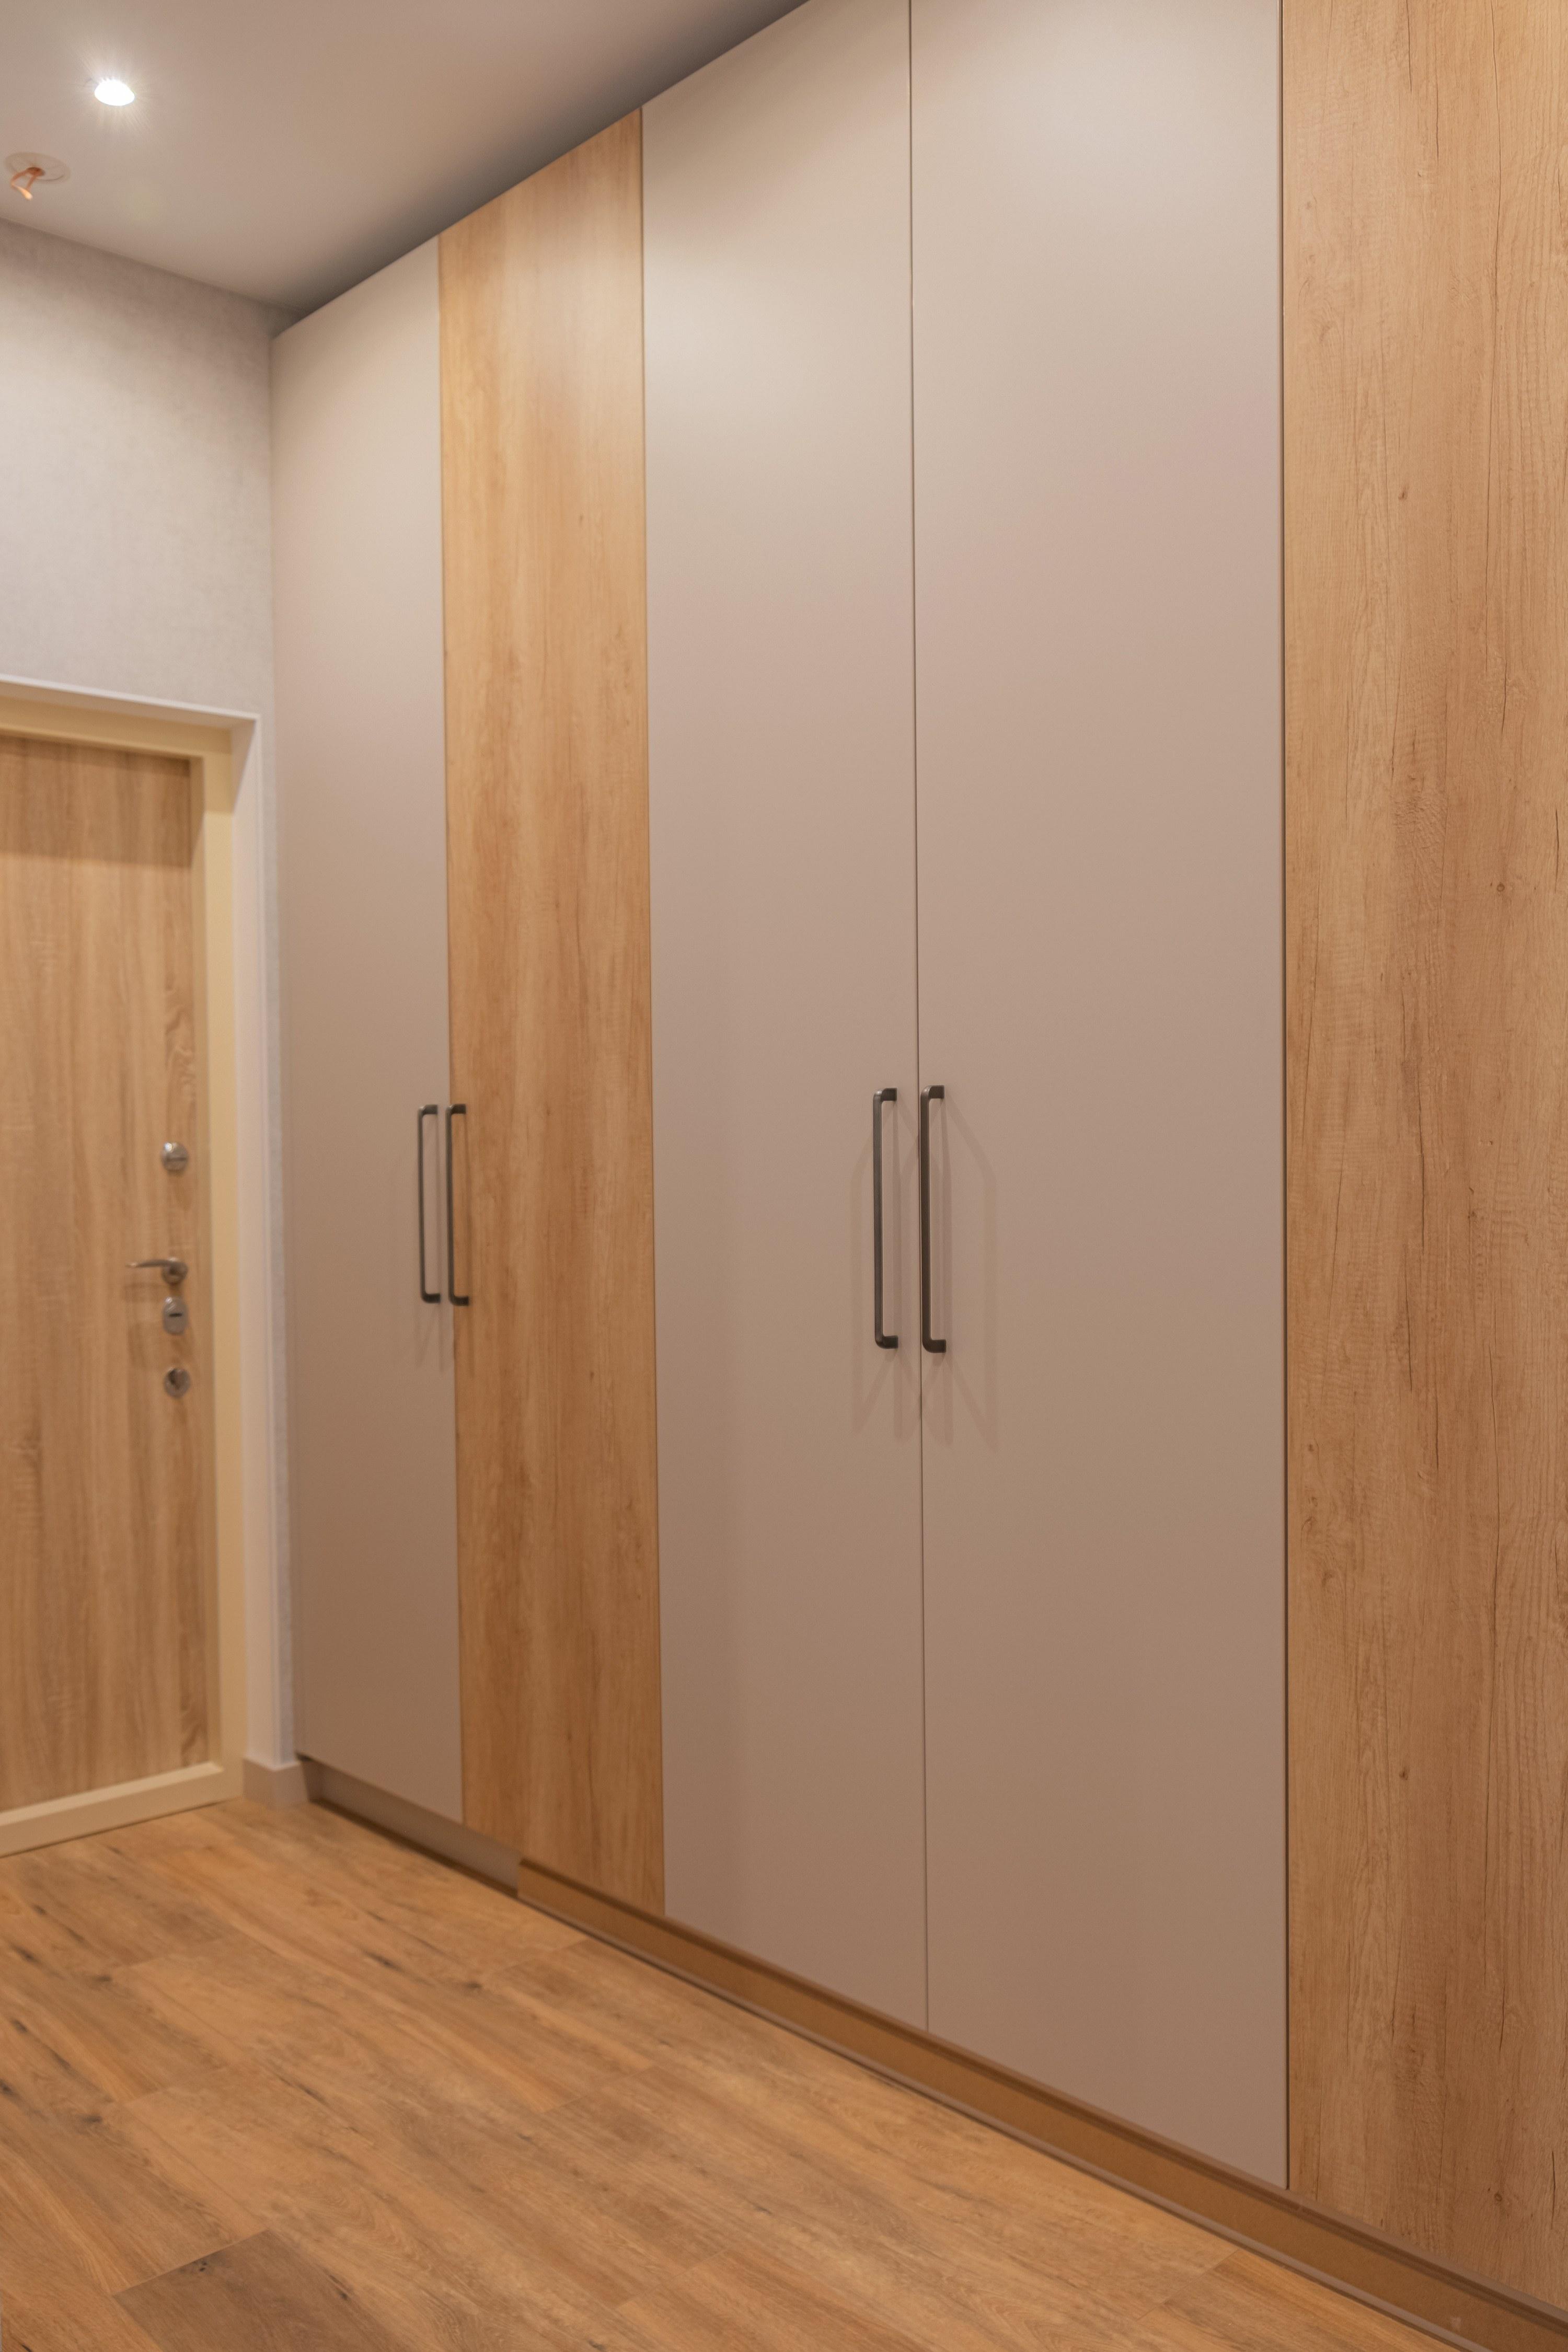 Ремонт коридора и шкафа в ЖК Гагаринский Стикон